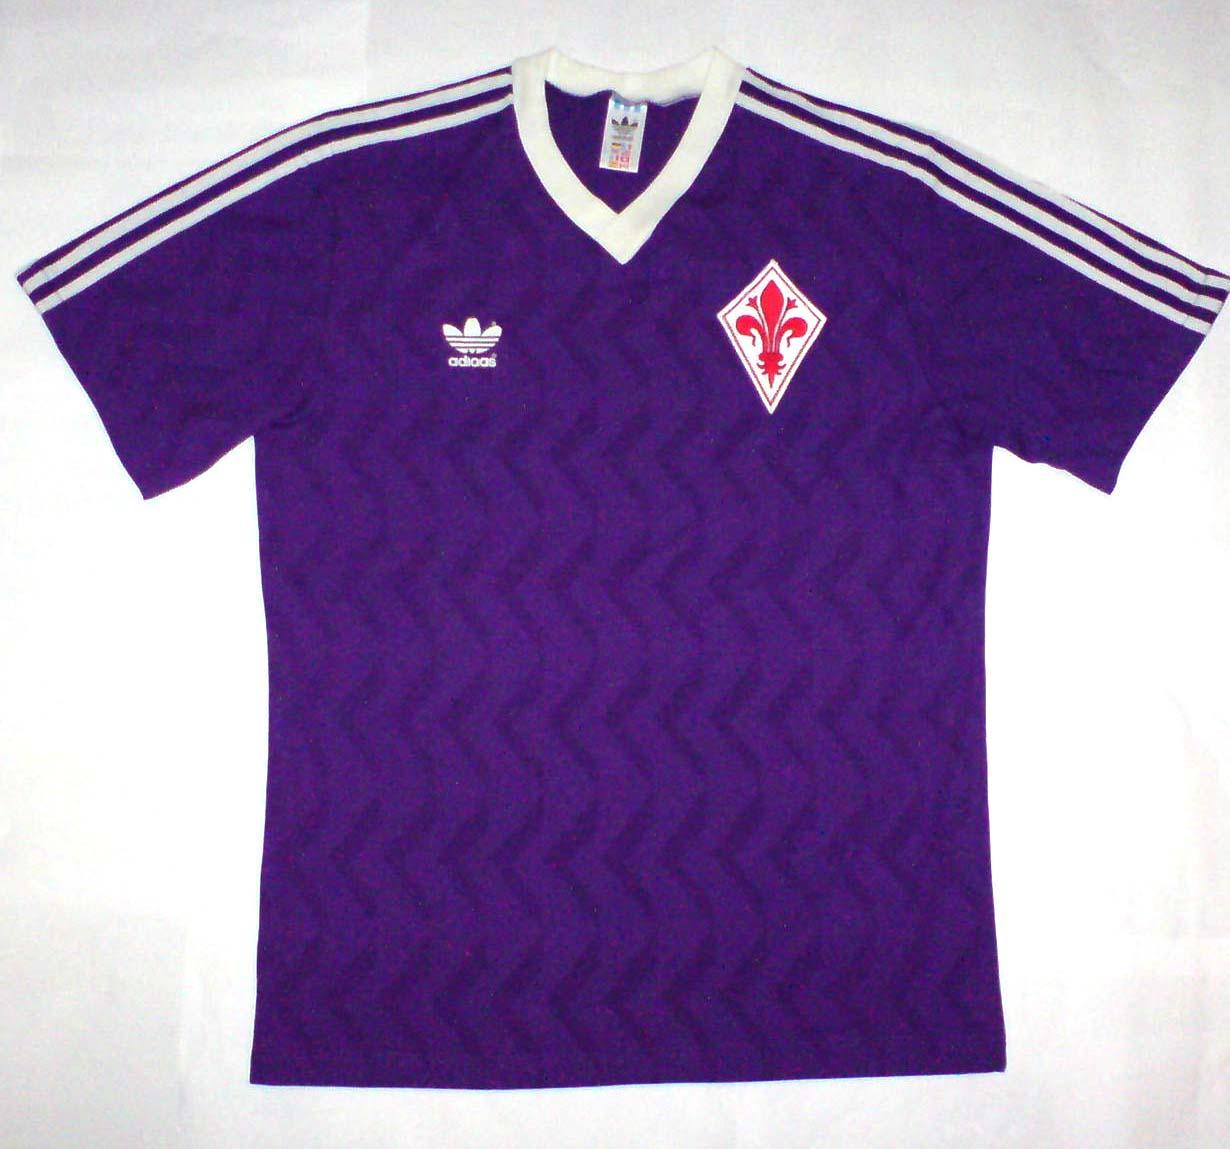 camisetas de futbol Fiorentina futbol